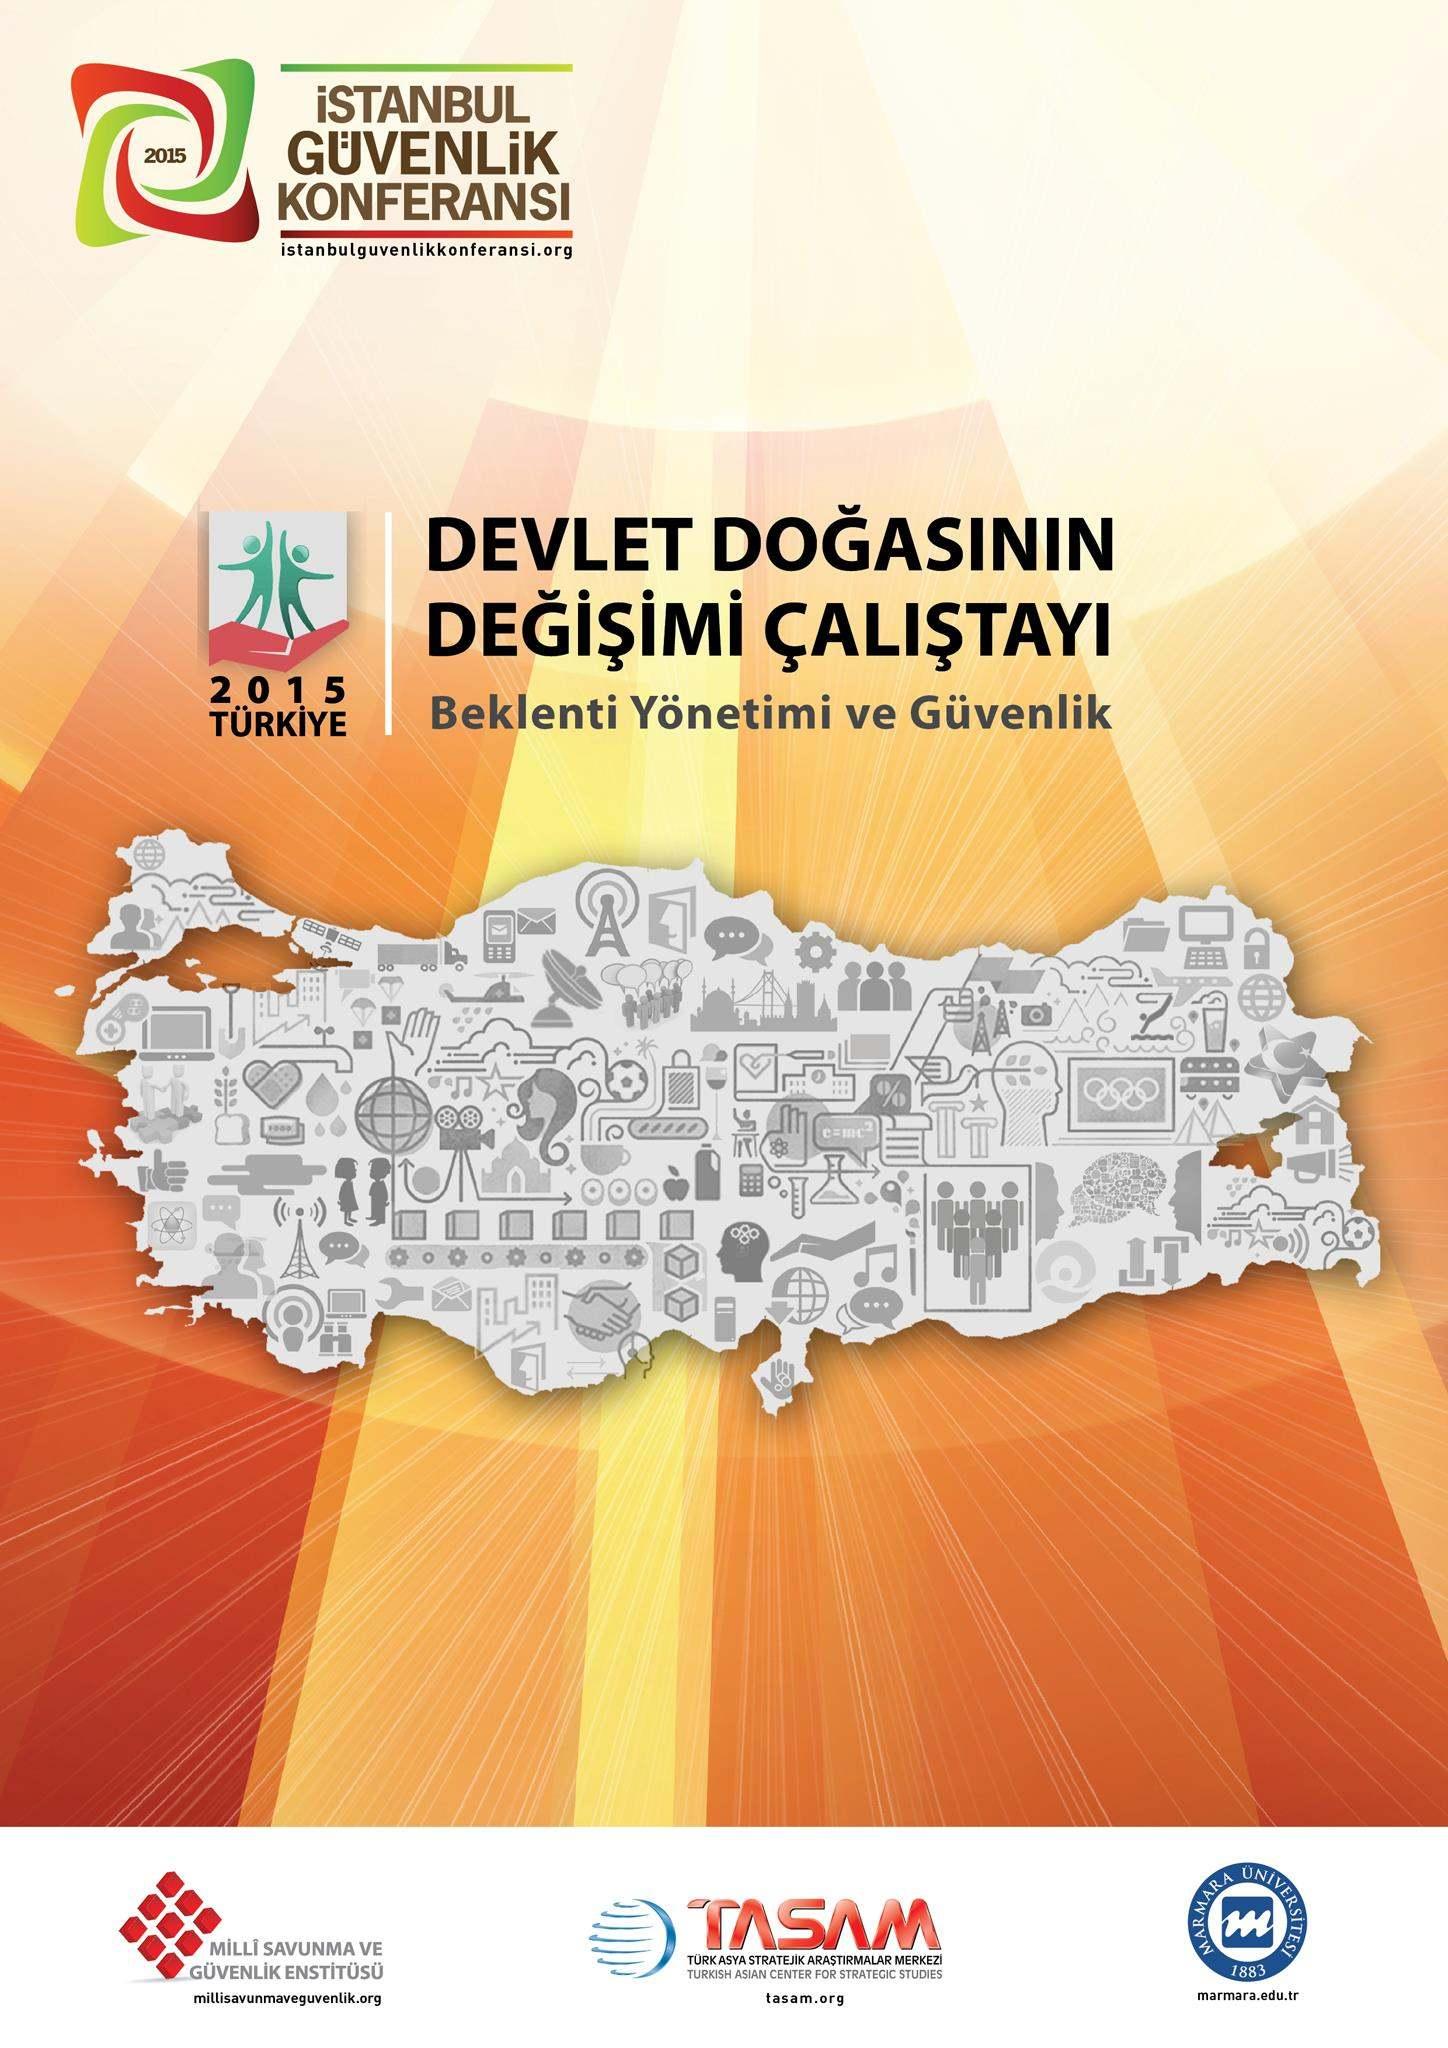 Devlet Doğasının Değişimi Çalıştayı | İstanbul Güvenlik Konferansı 2015